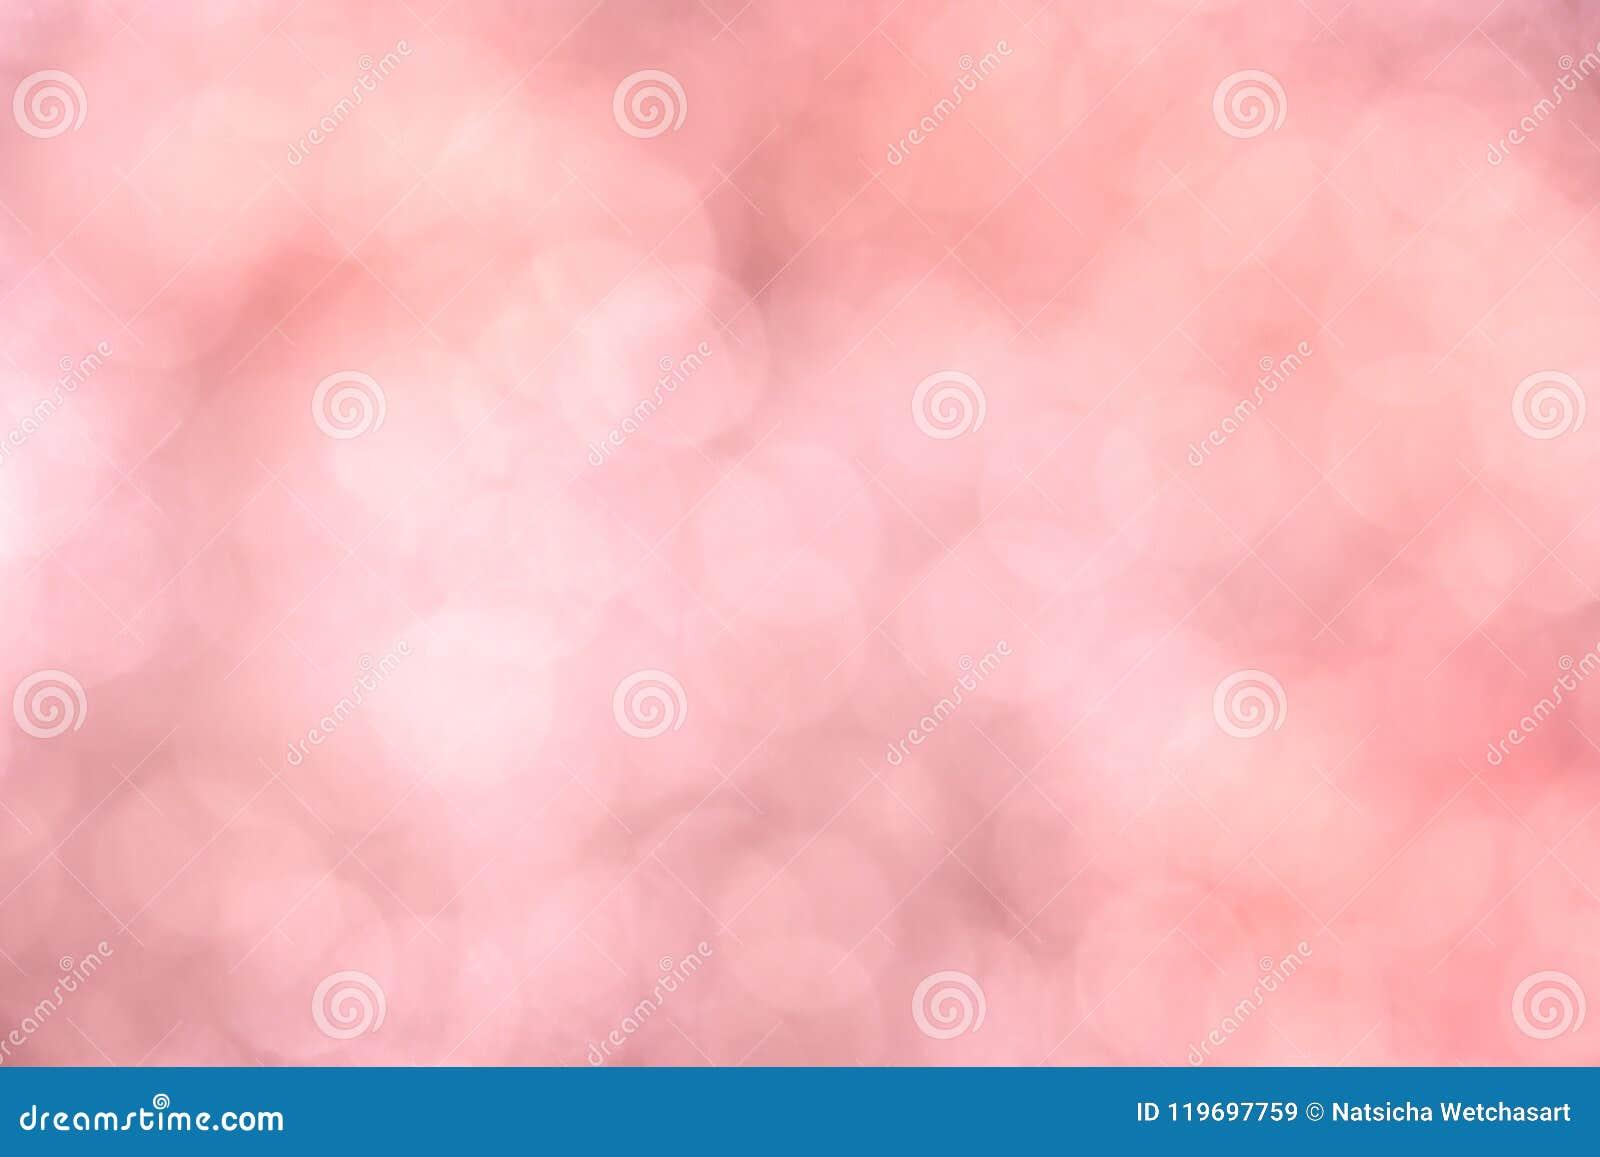 För suddig rosa mjuk pastellfärgad bakgrund bokehvår för tappning